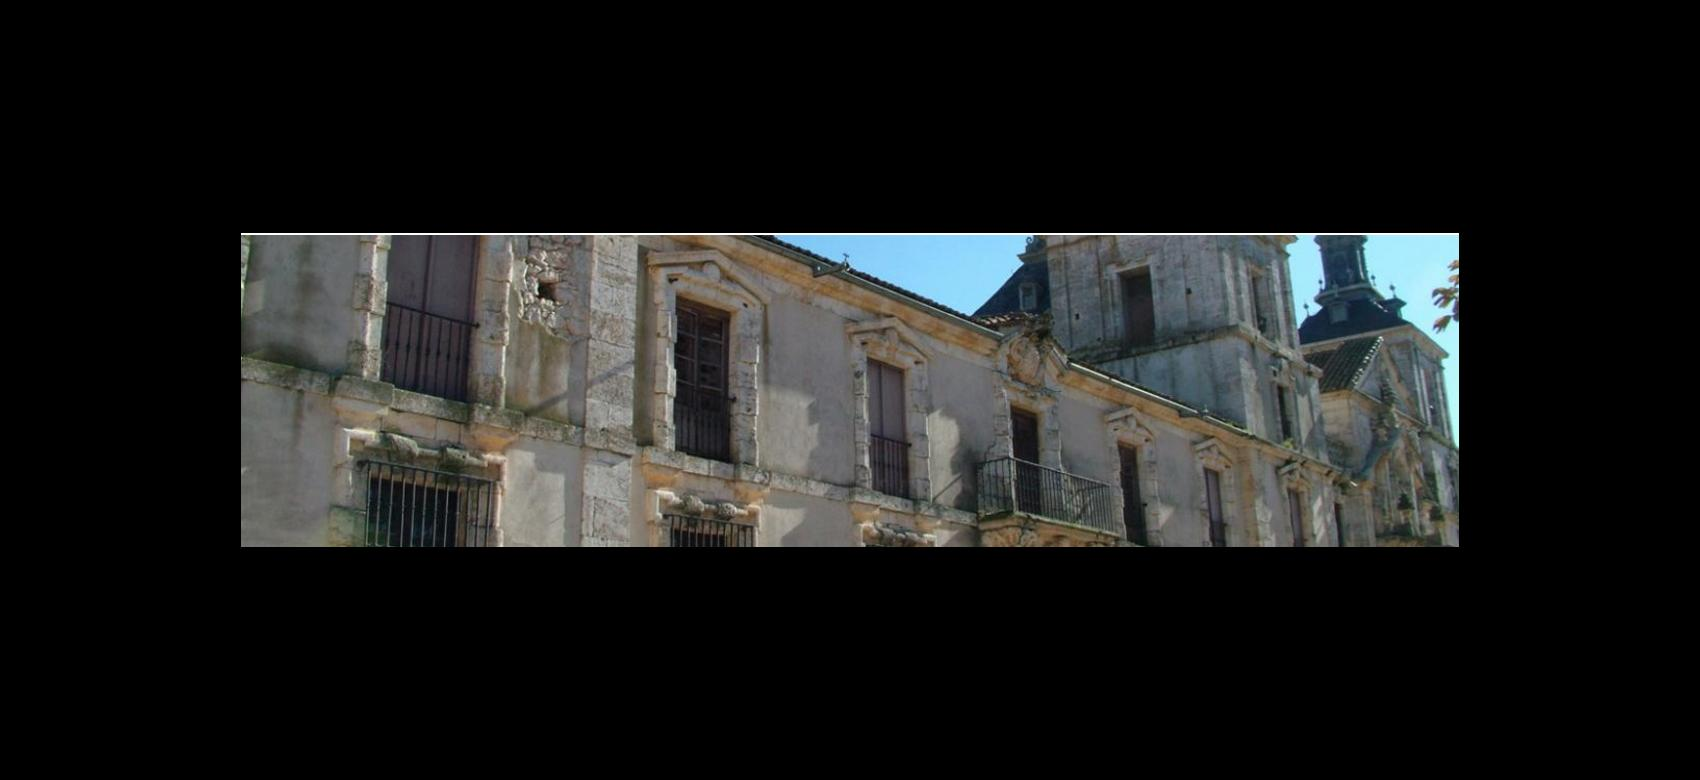 Imagen de la fachada de un Palacio